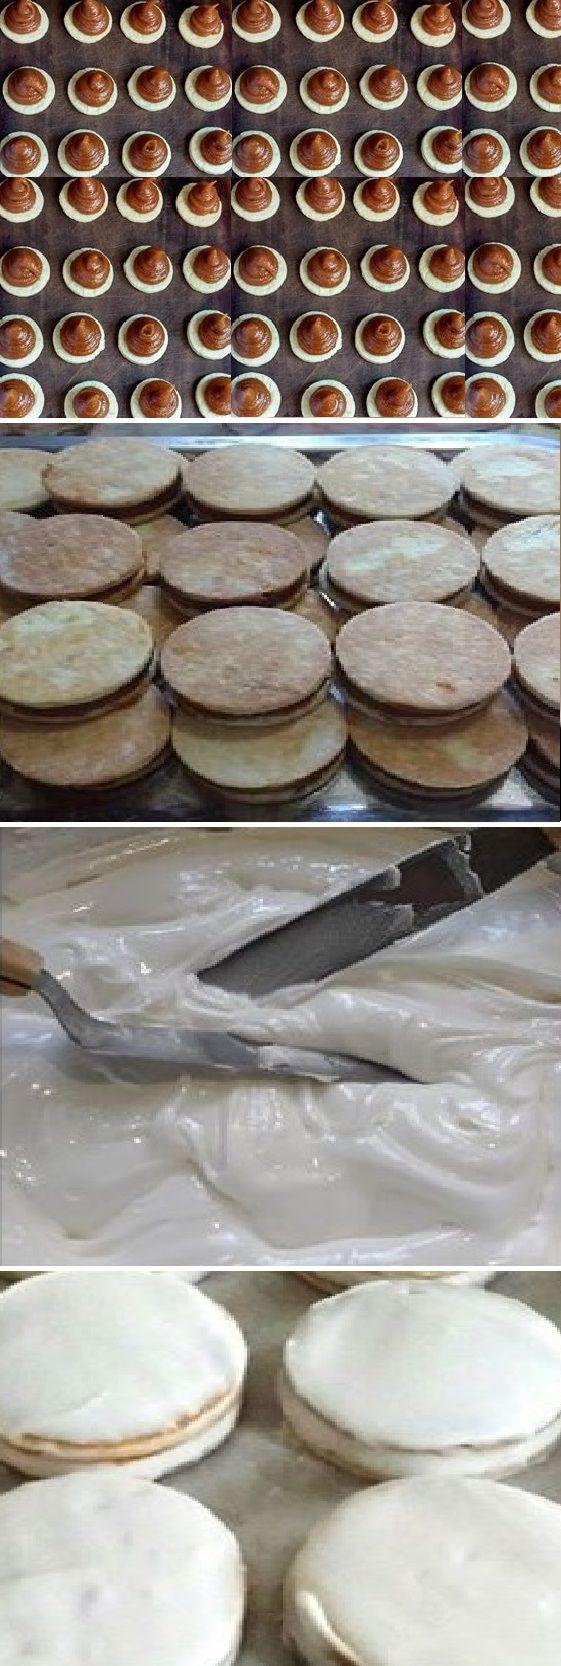 ASÍ QUEDA UN ALFAJOR TIPO HAVANA DE FRUTA, recuerden que es artesanal, y a mi gusto debe quedar así rústico y el sabor para chuparse los dedos… #alfajor #havana #frutas  #receta #recipe #casero #torta #tartas #pastel #nestlecocina #bizcocho #bizcochuelo #tasty #cocina #chocolate #queso Si te gusta dinos HOLA y dale a Me Gusta MIREN …